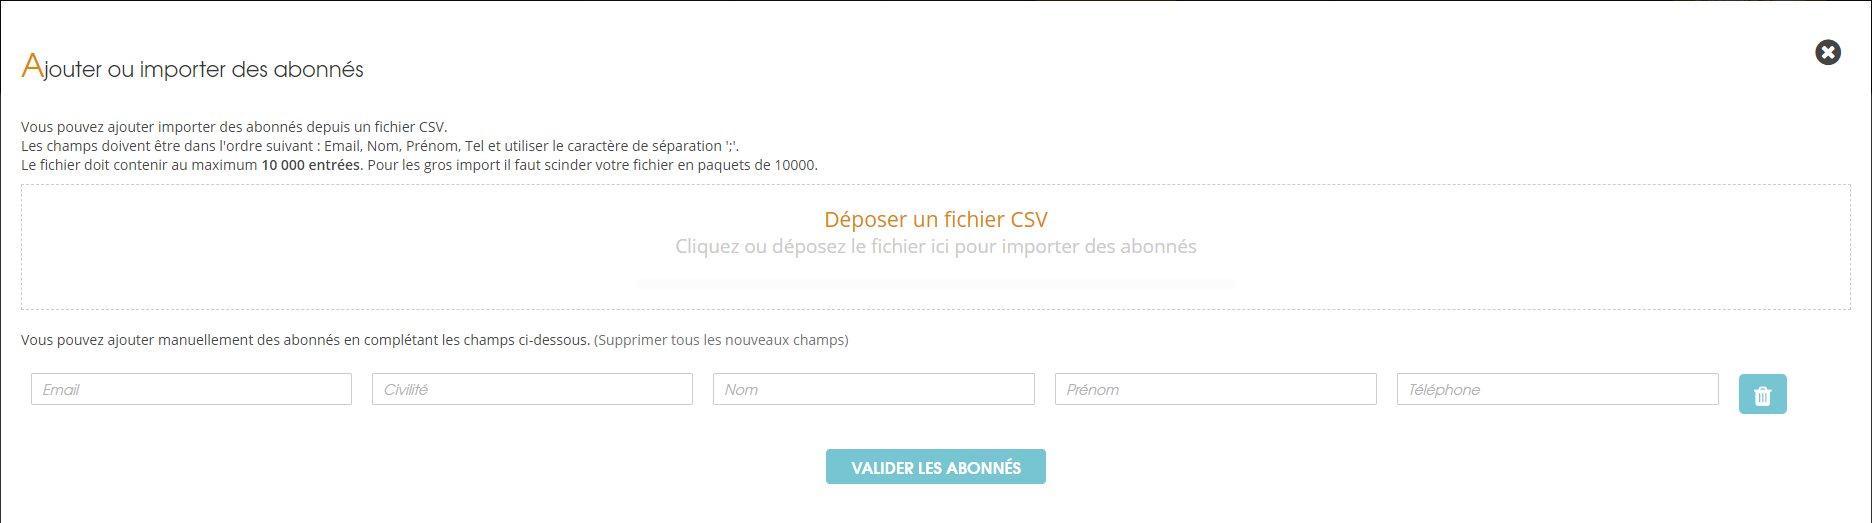 Ajoutez ou importez des abonnés via un fichier CSV